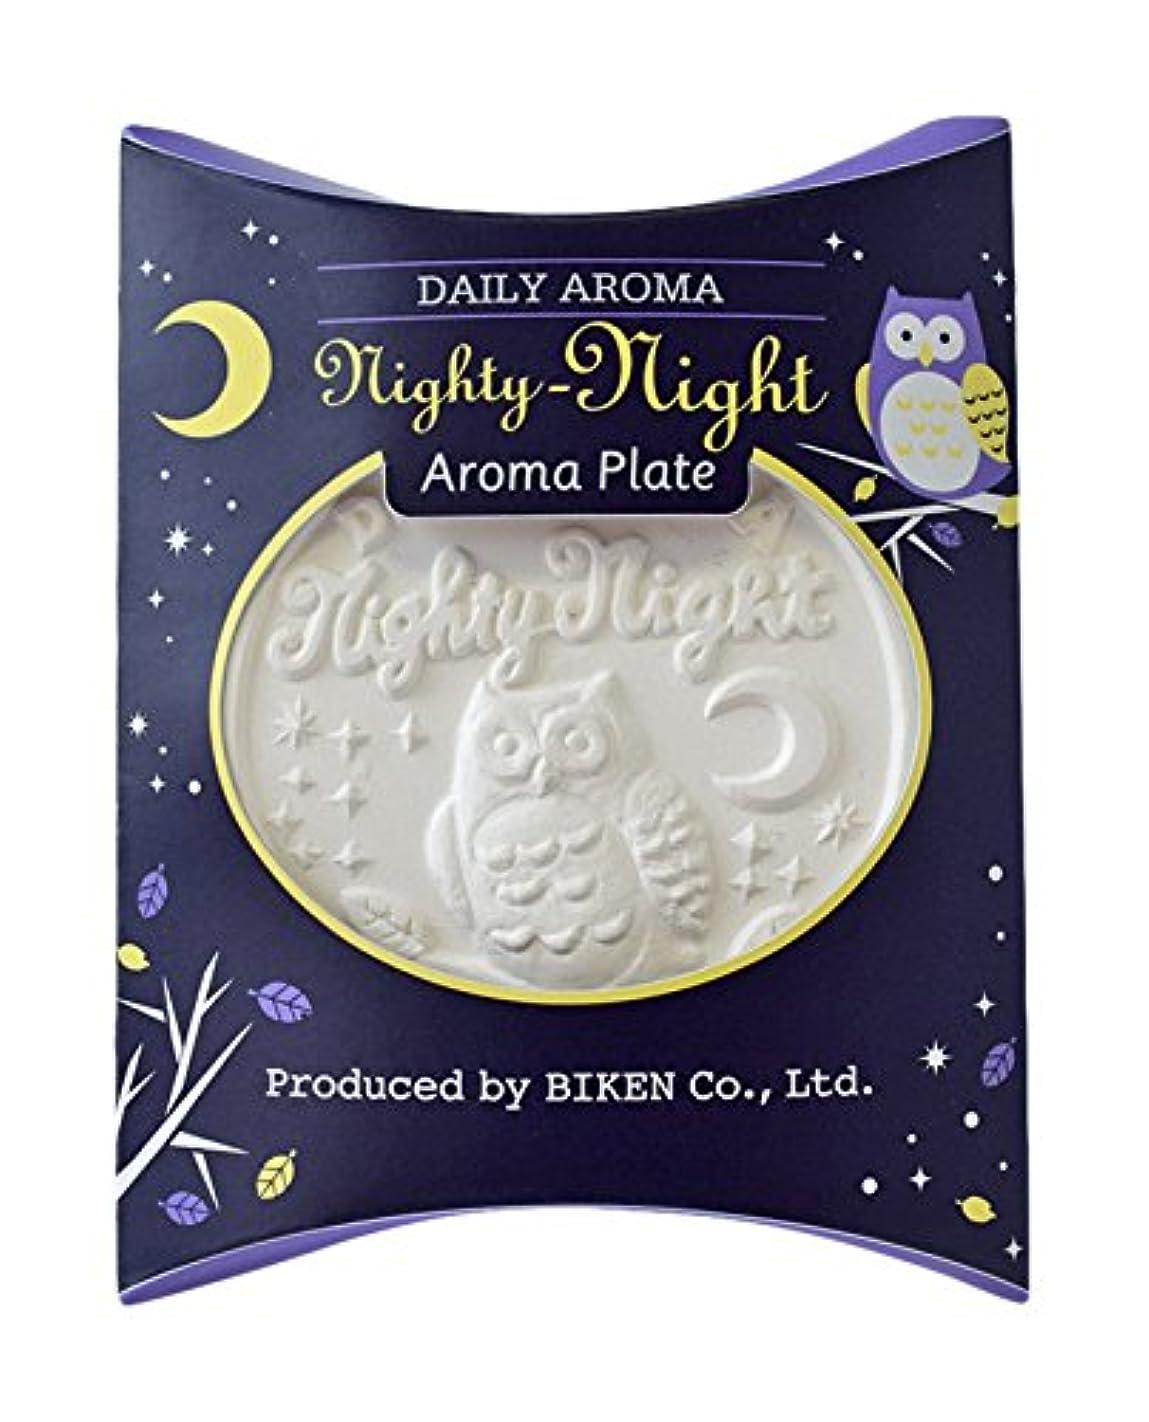 宣伝貴重なセージNighty-Night アロマプレート